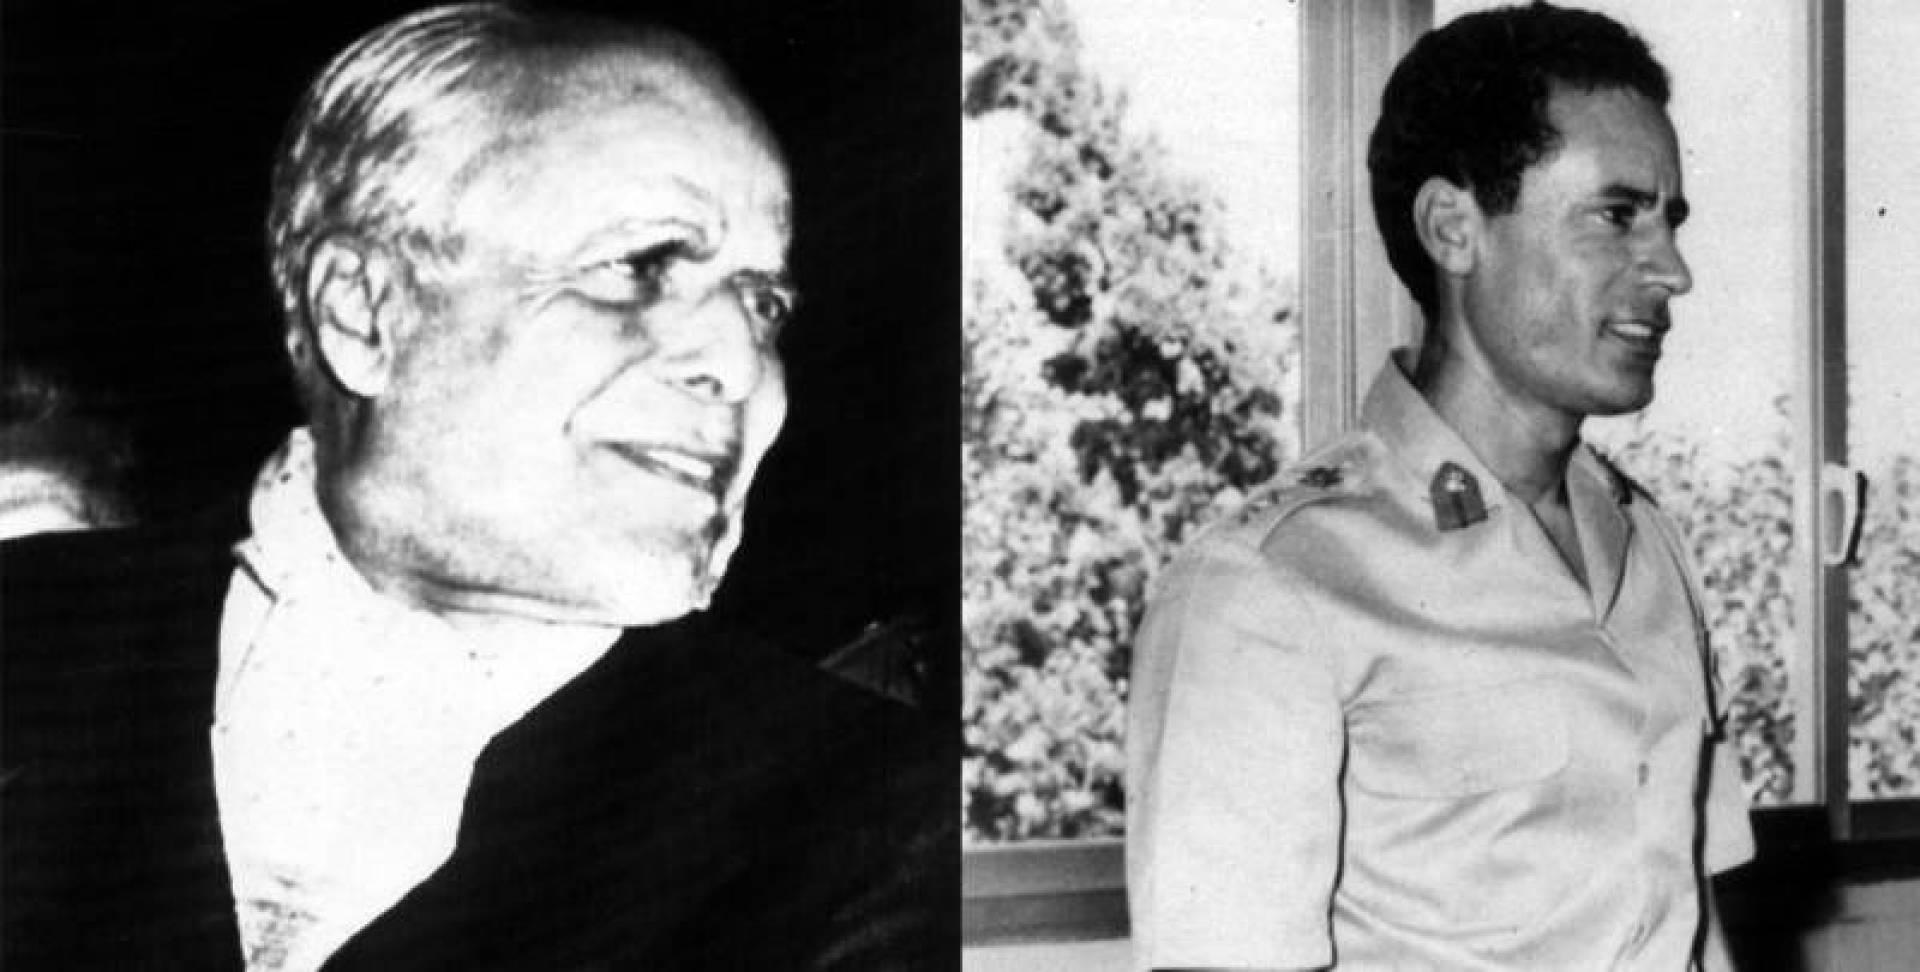 من اليمين الرئيس معمر القذافي ثم الرئيس الحبيب.. أرشيفية